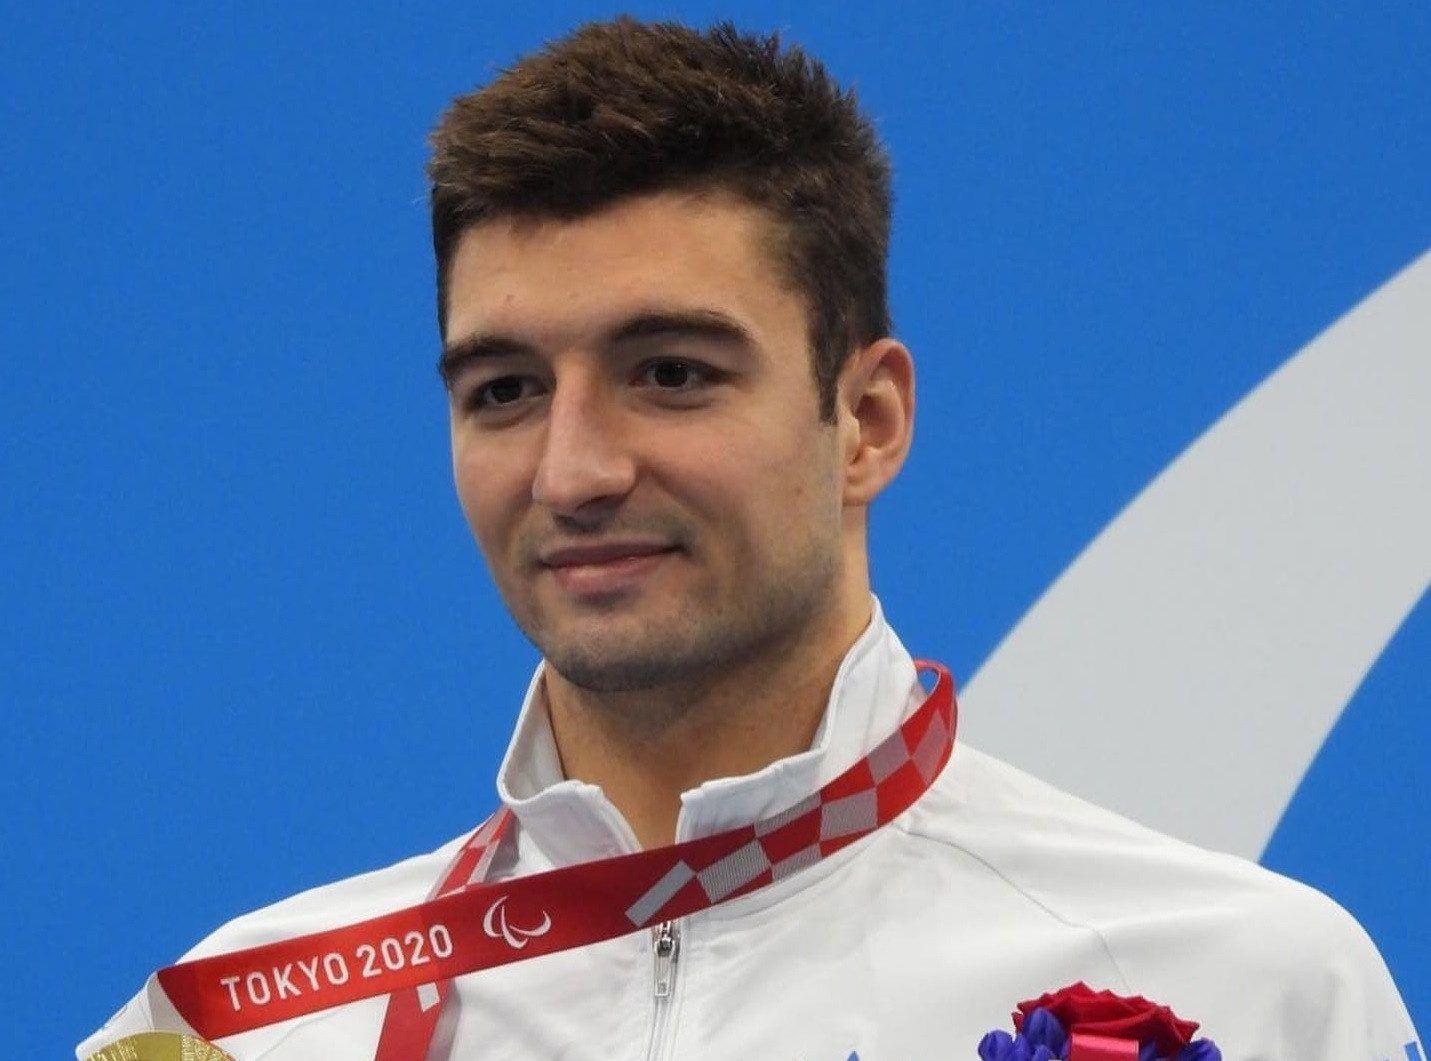 Украина берет еще 4 награды в плавании на Паралимпиаде – 2020 в Токио: пловцы повторно завоевывают медали